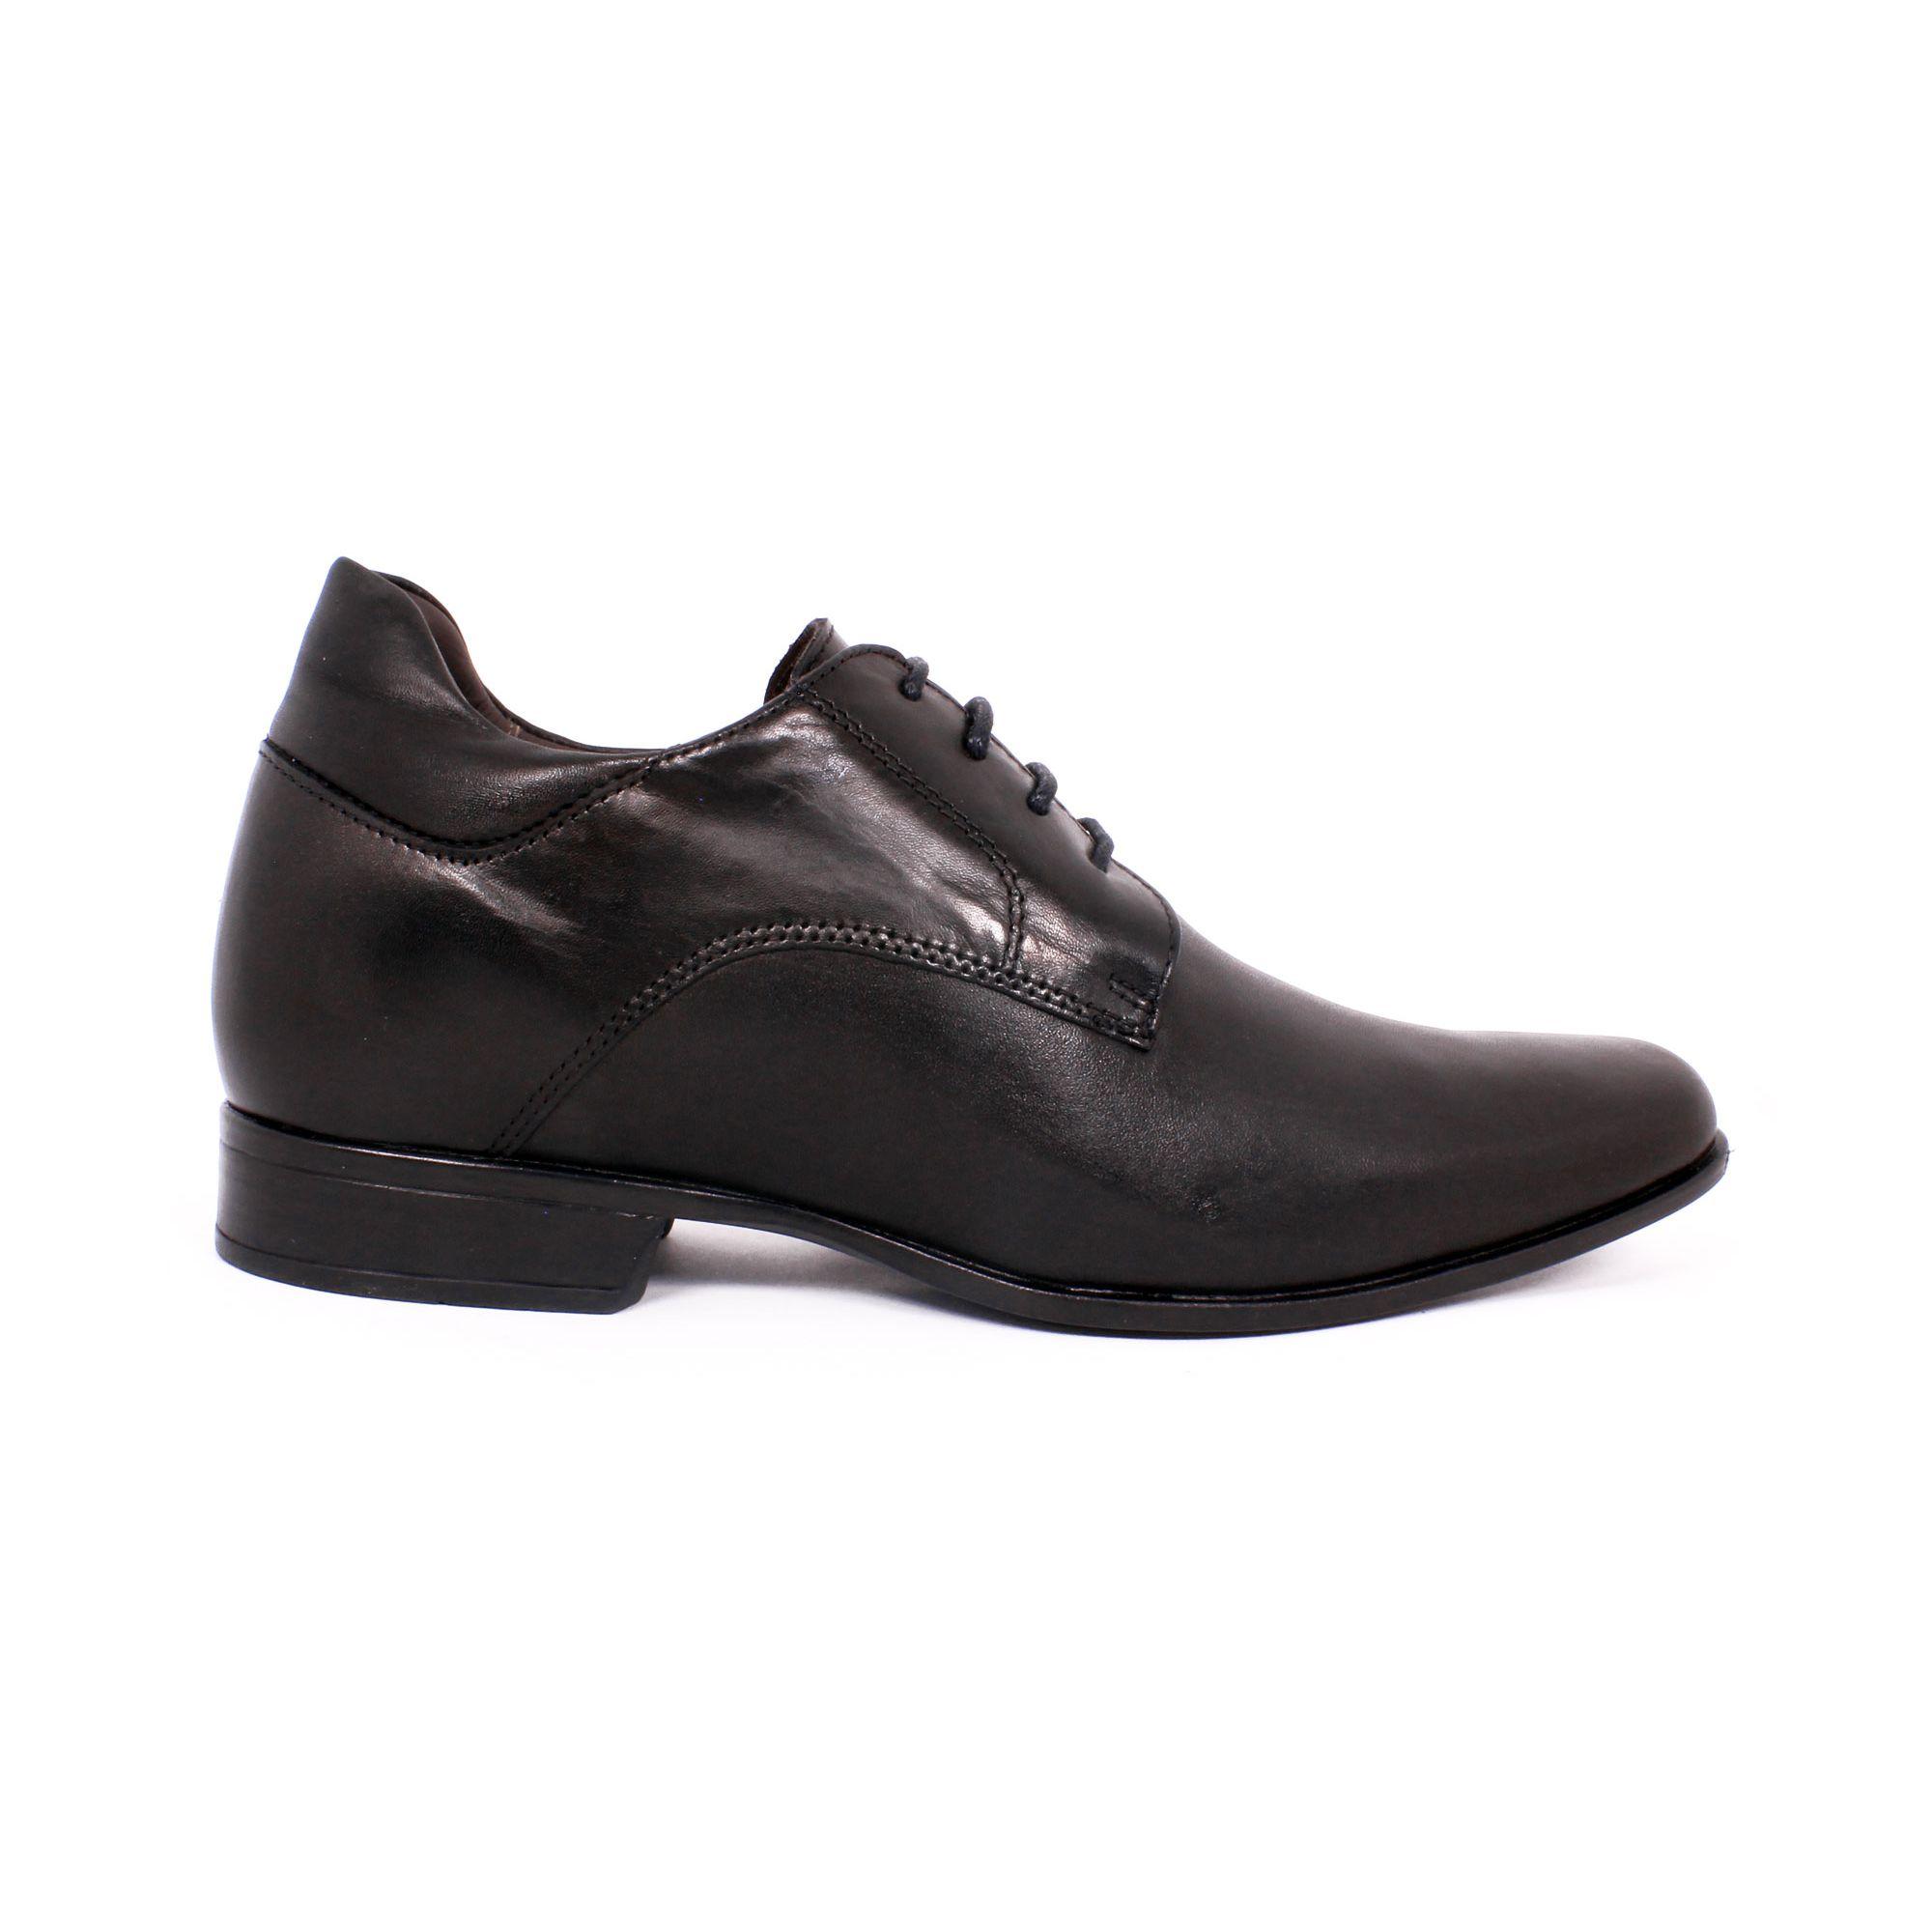 Zapato Formal Fashion Negro Max Denegri +7cms de Altura_70819